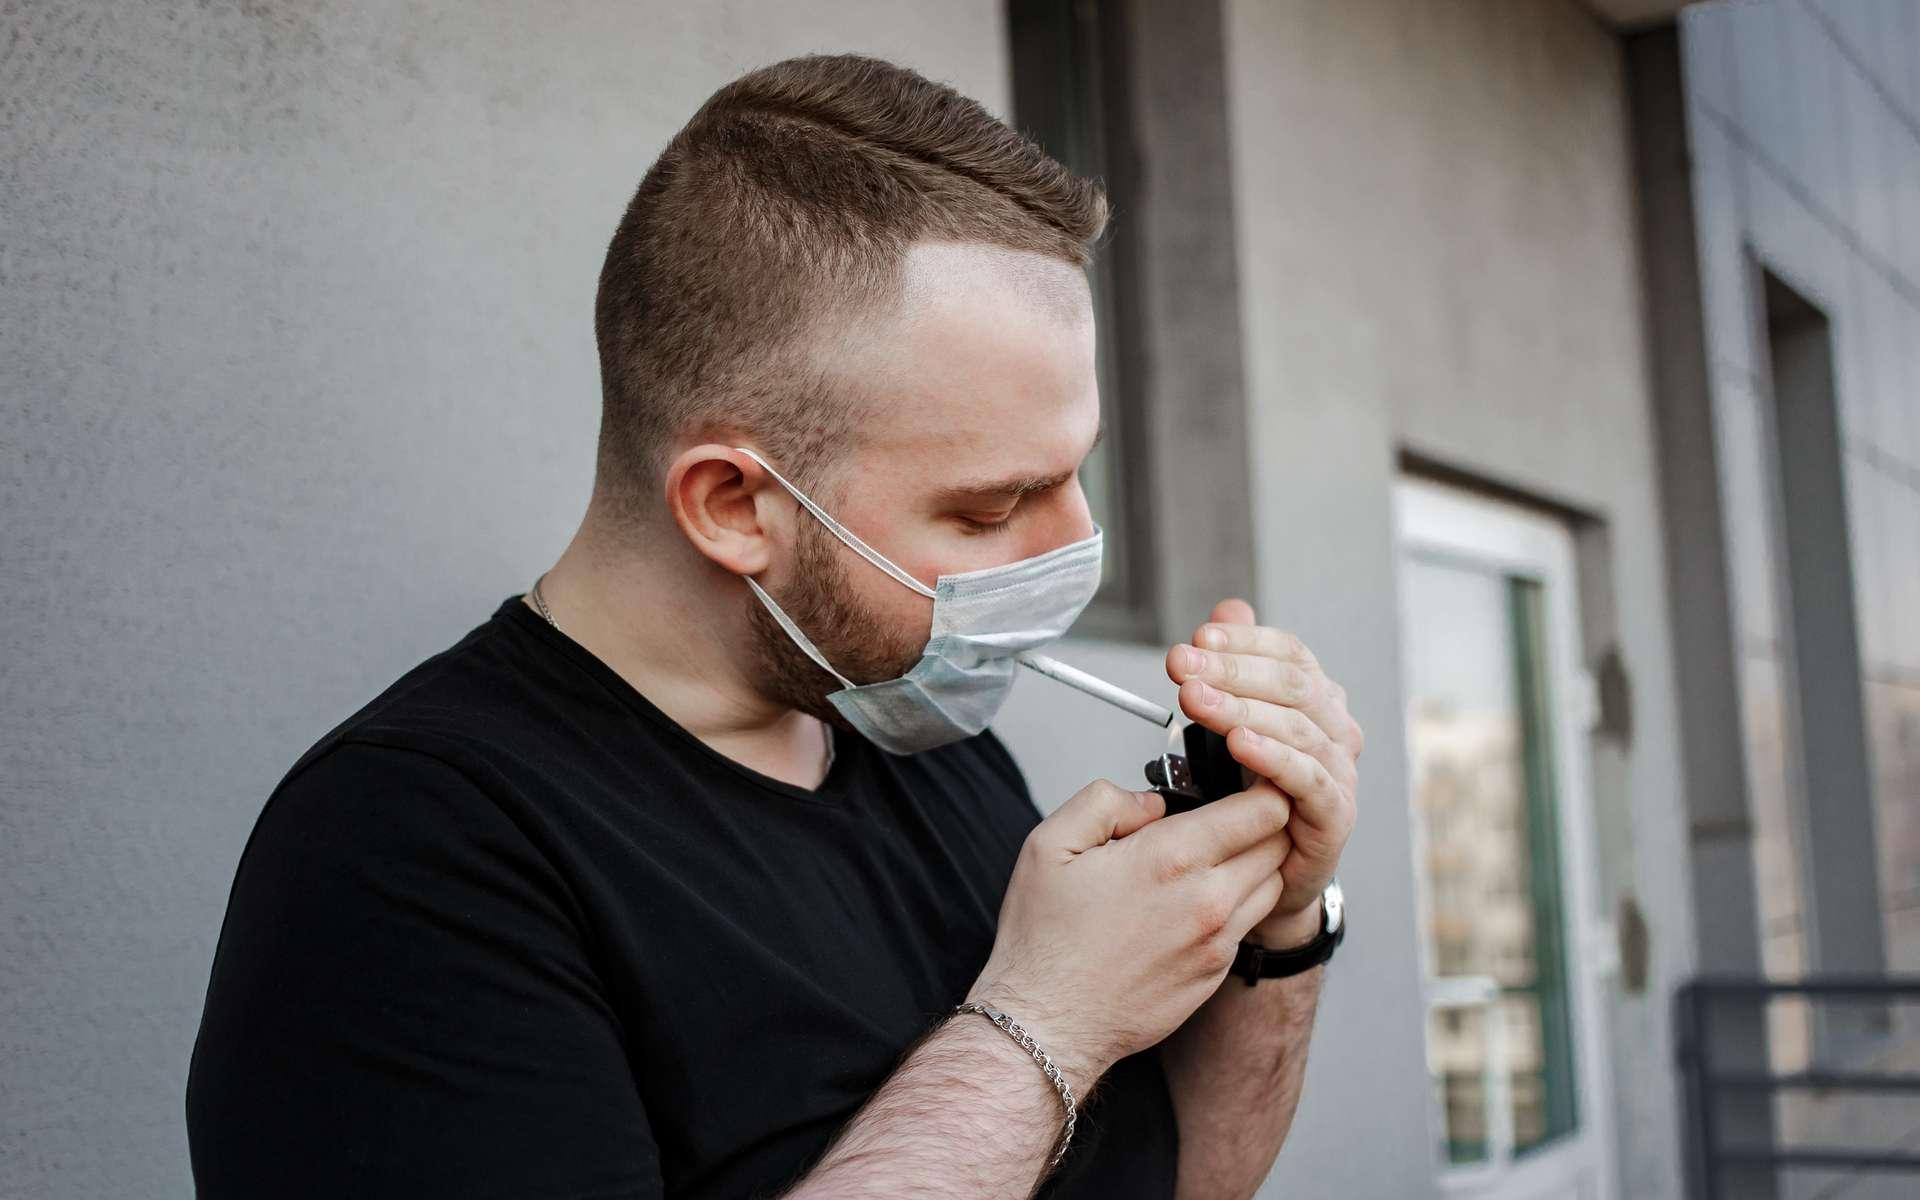 La nicotine, substance responsable de la dépendance tabagique, est envisagée comme traitement du Covid-19. Ce n'est pour le moment qu'une hypothèse très précoce. © Katsiaryna, Adobe Stock